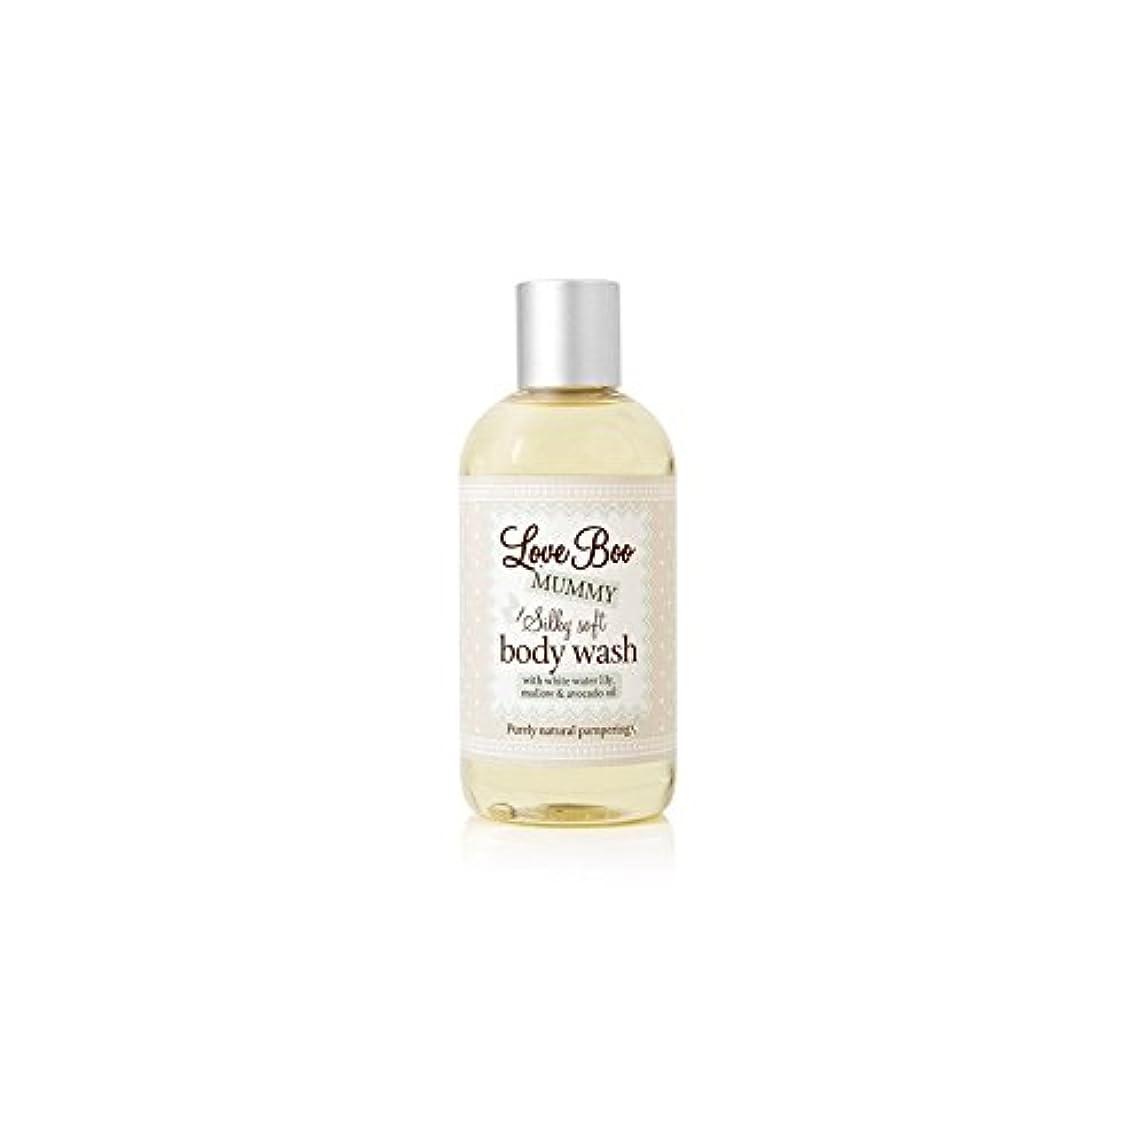 緊急高潔な魅惑するLove Boo Silky Soft Body Wash (250ml) - 絹のようなソフトボディウォッシュ(250ミリリットル)愛 [並行輸入品]